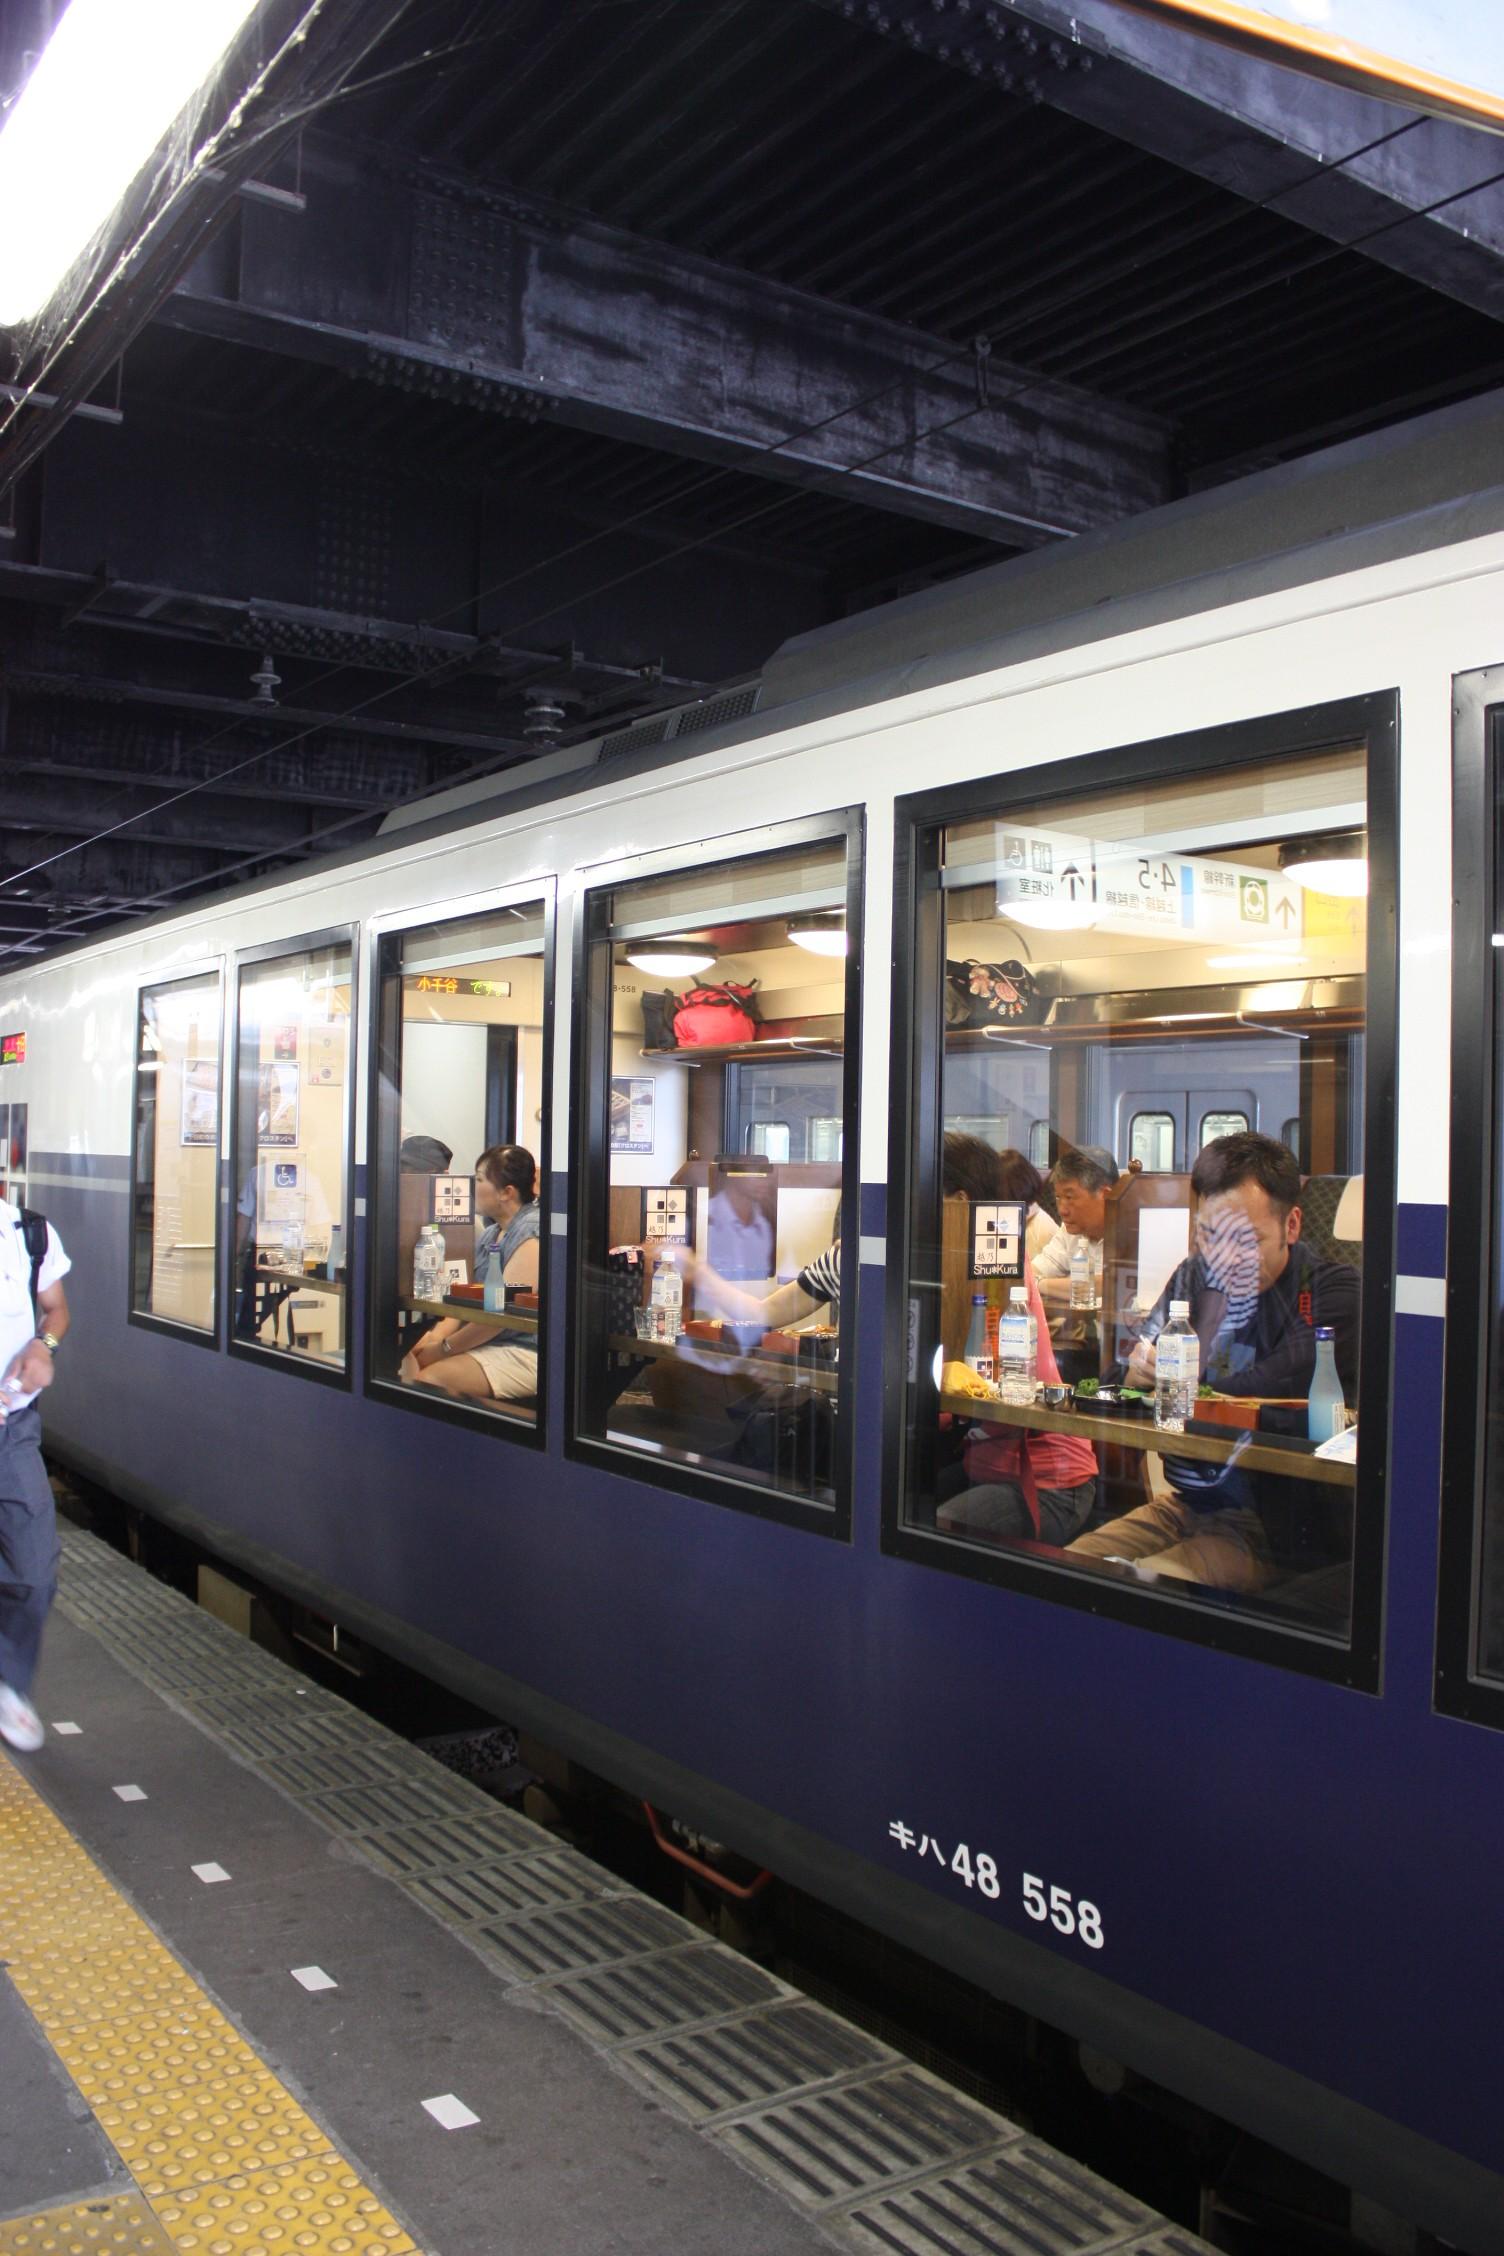 新潟のお酒や料理を楽しむ乗客たち。